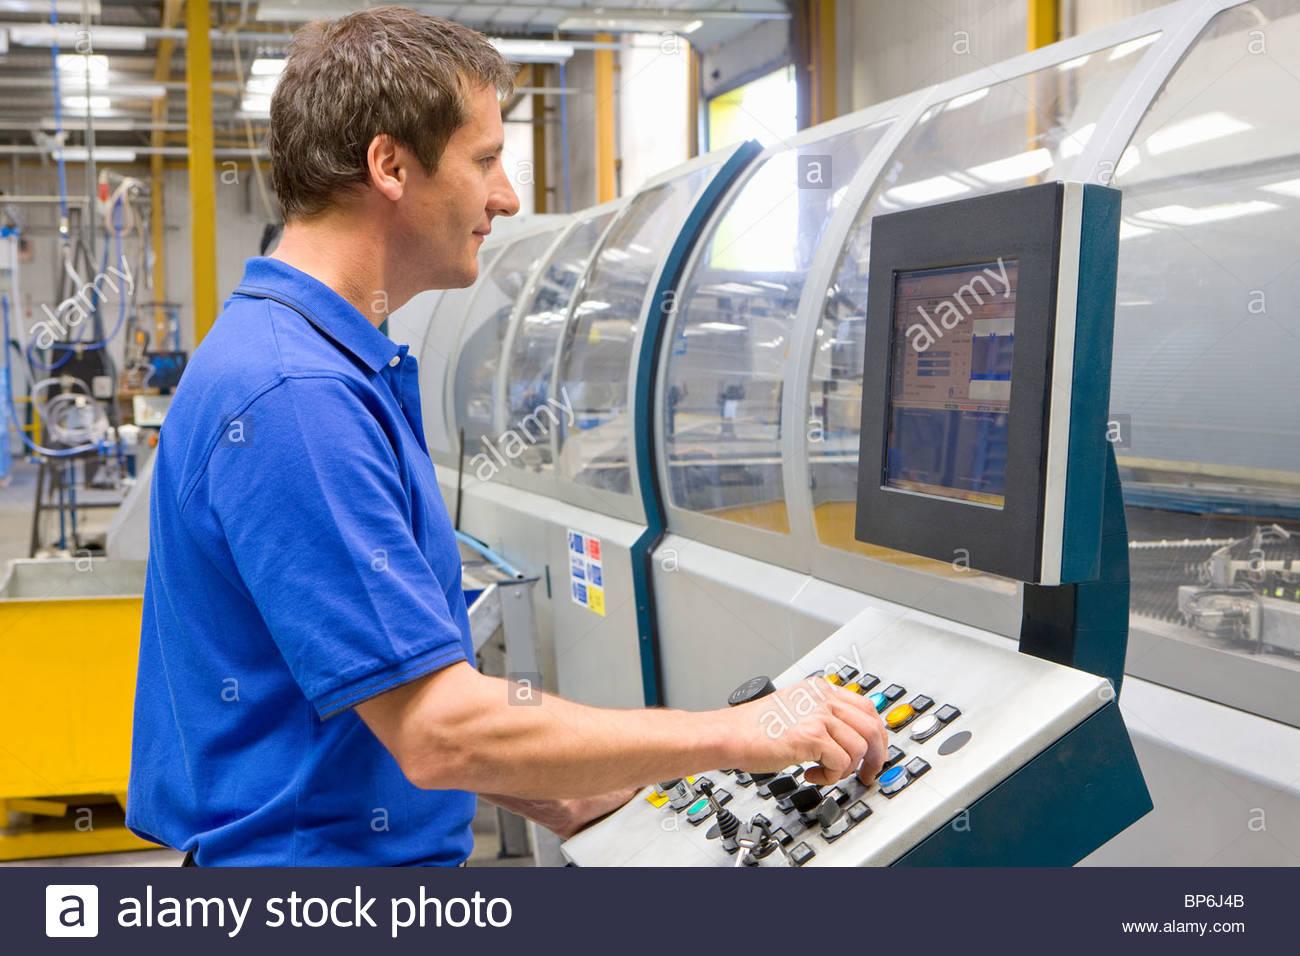 Arbeiter einstellen Tasten am Bedienfeld Fabrik Stockbild